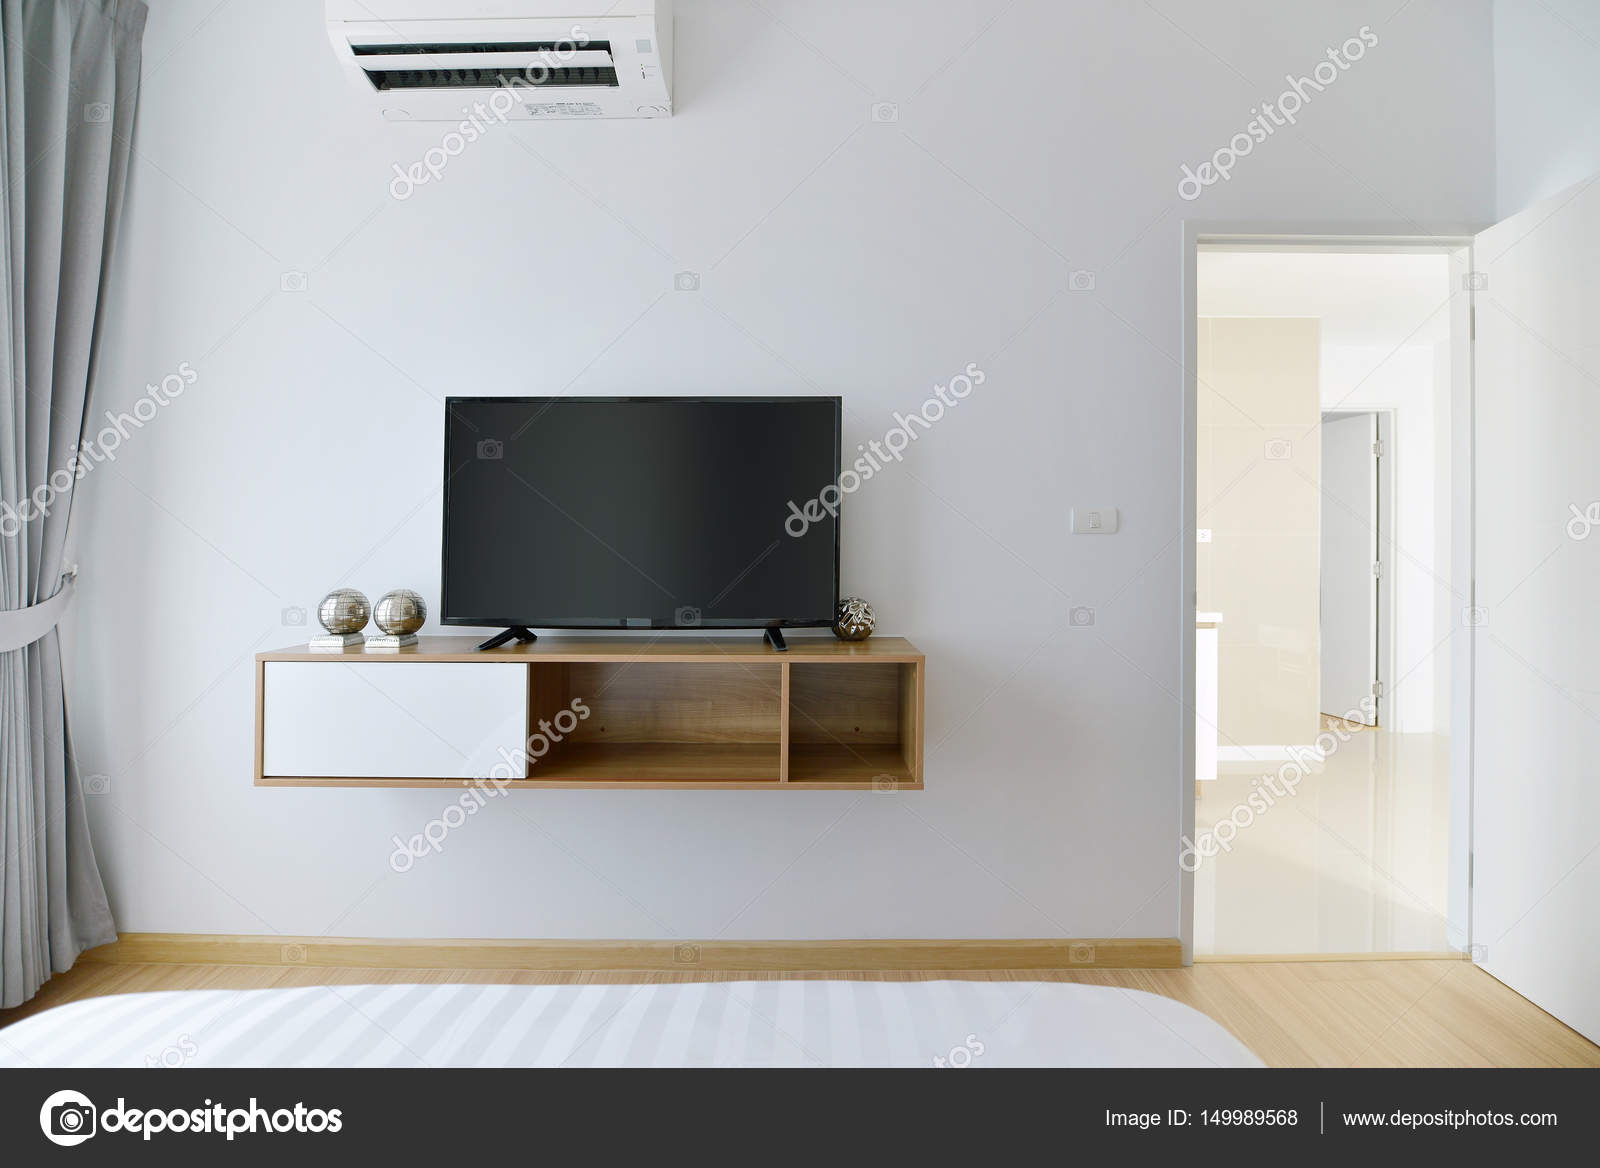 Led In Slaapkamer : Moderne lege slaapkamer met led tv op de witte muur en houten